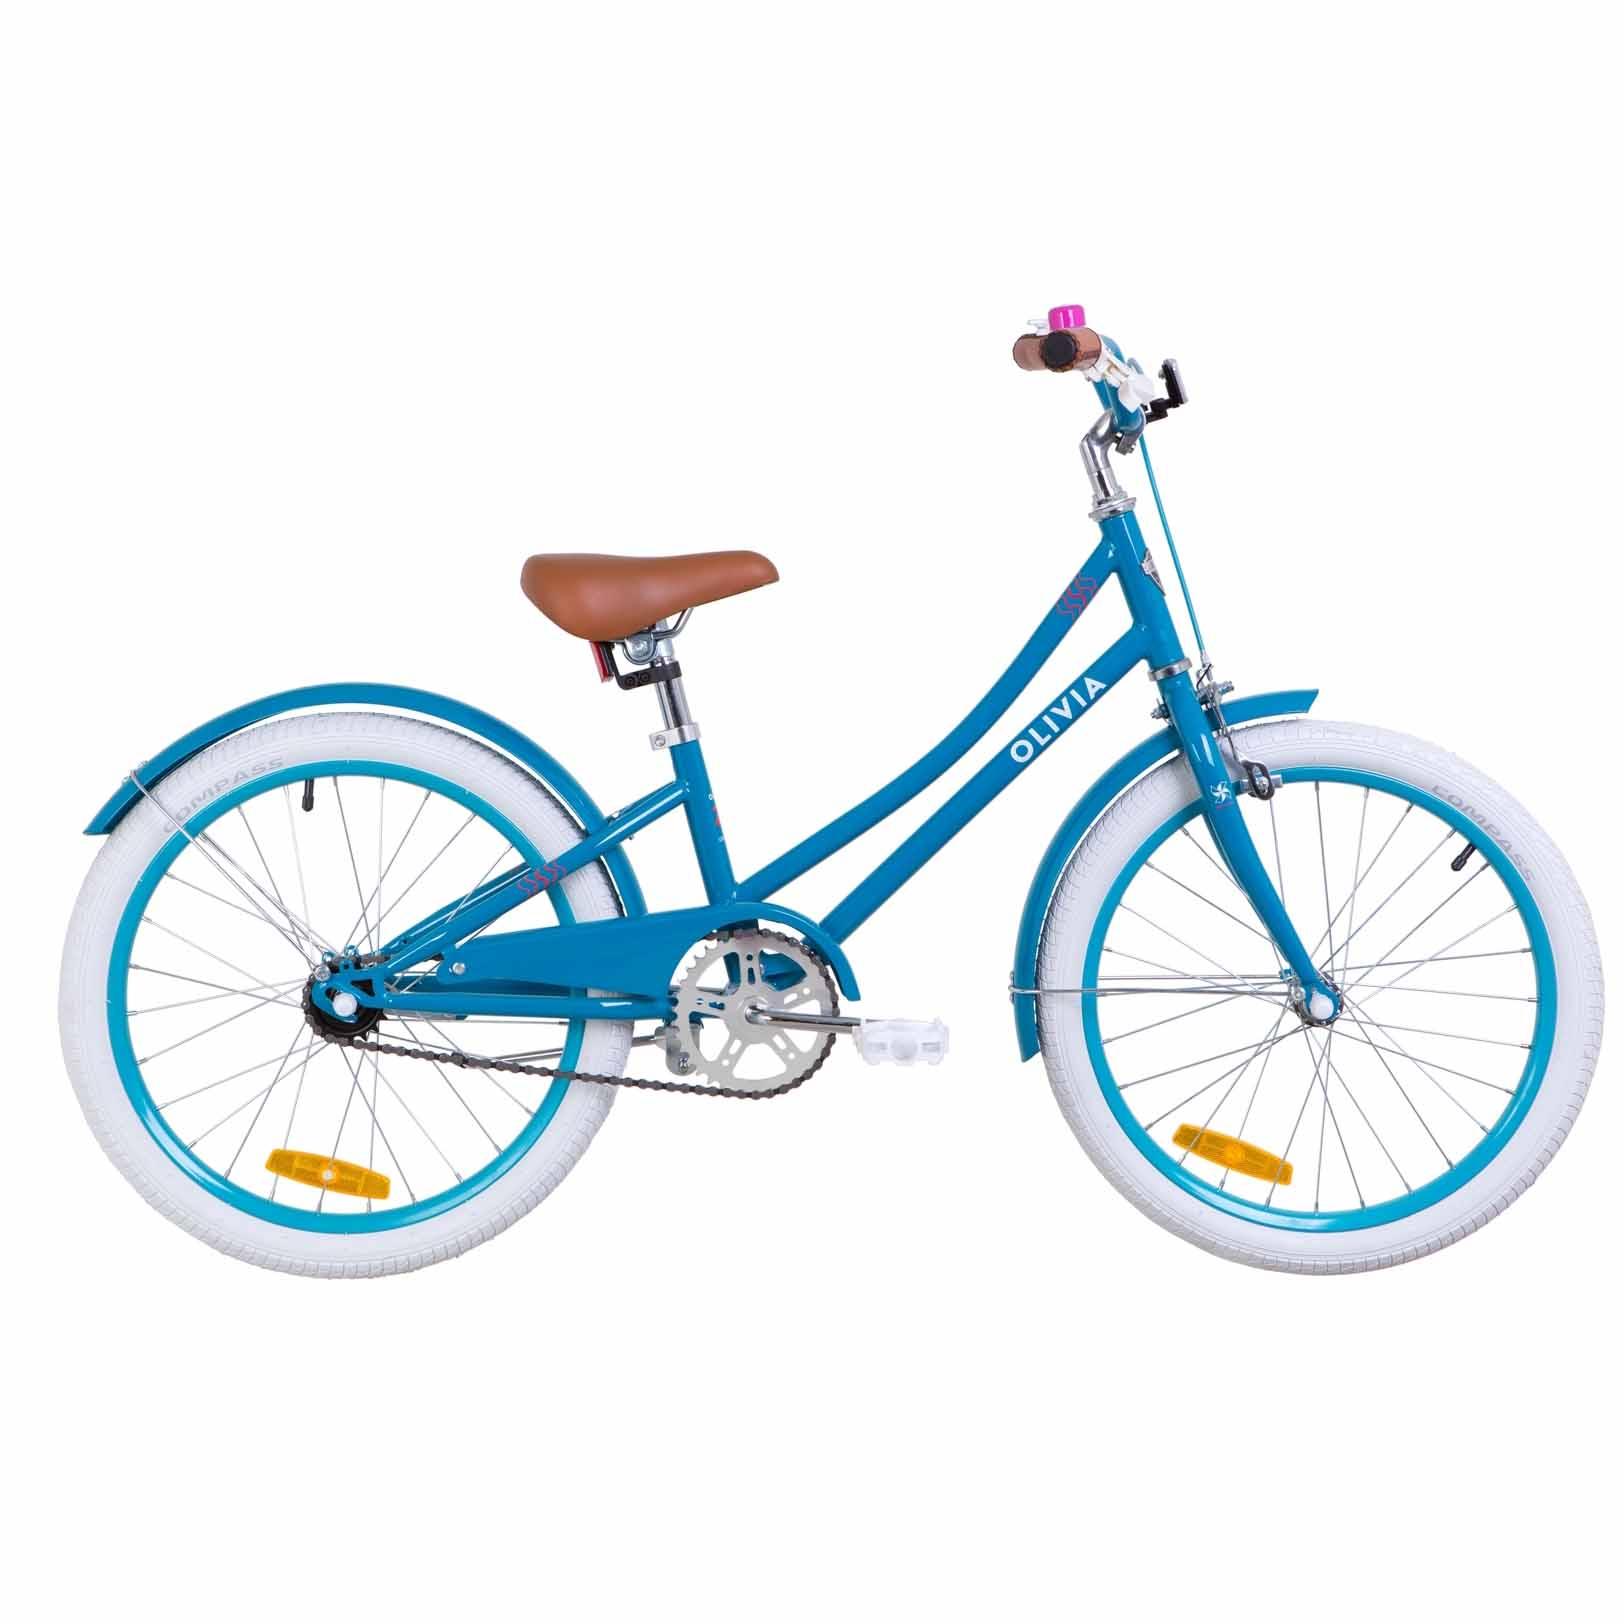 Фото Детский Велосипед 20″ Dorozhnik OLIVIA бирюзовый 2019